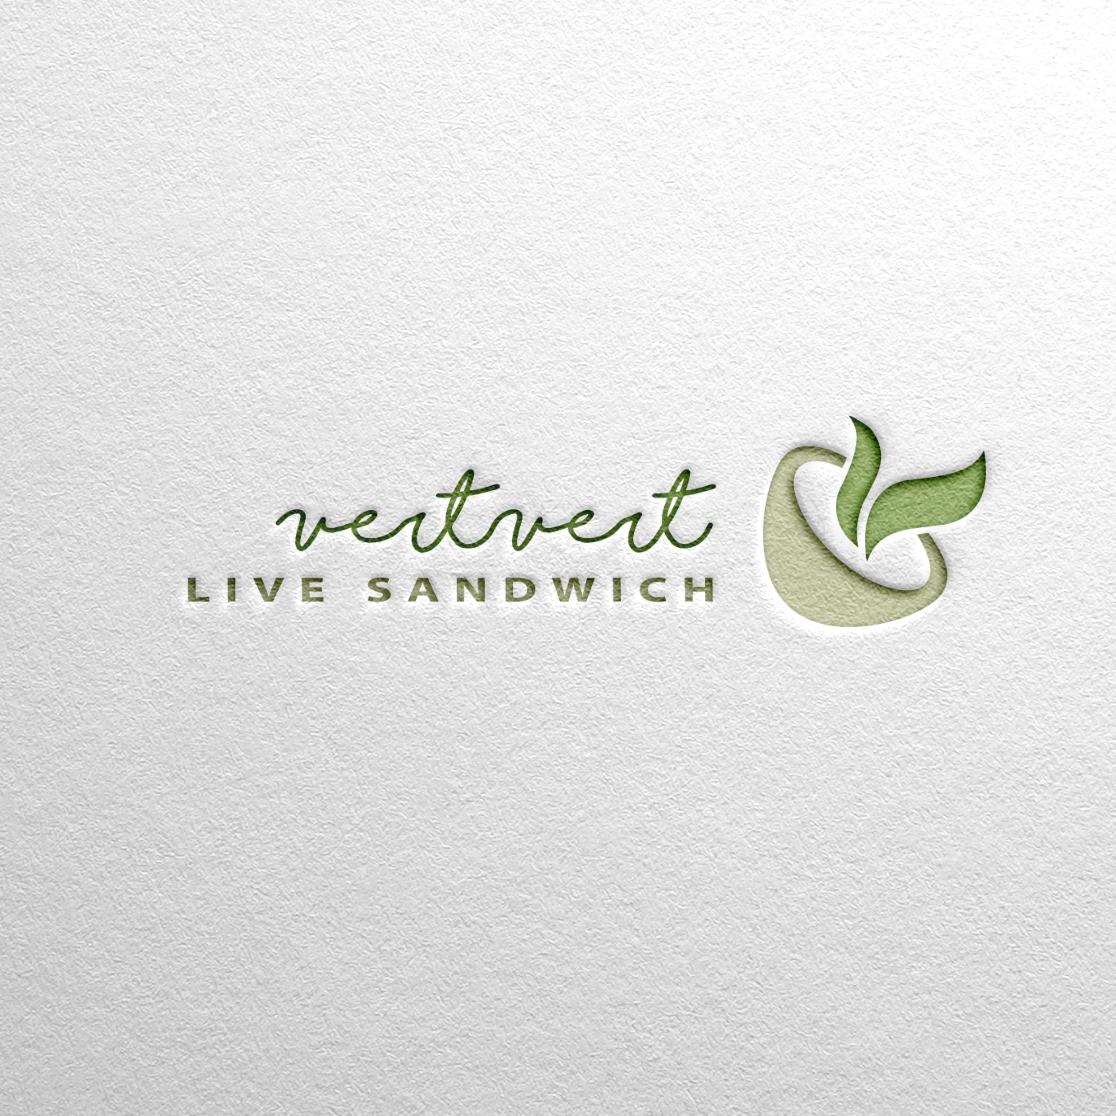 로고 디자인 | 샌드위치바 로고 디자인 의뢰 | 라우드소싱 포트폴리오